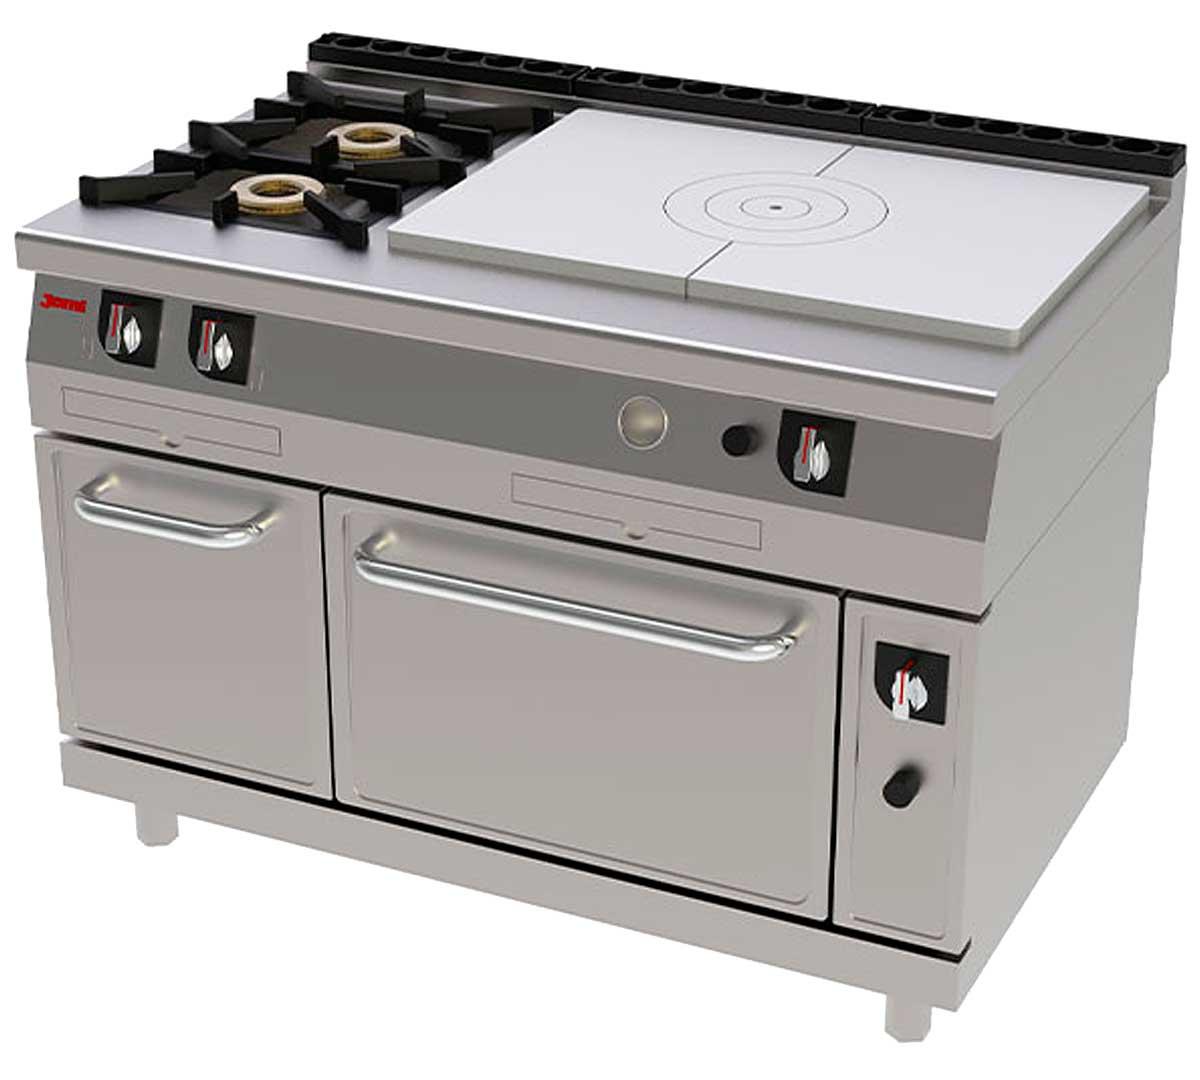 Cocina serie 750 francesa horno de jemi for Horno con fogones